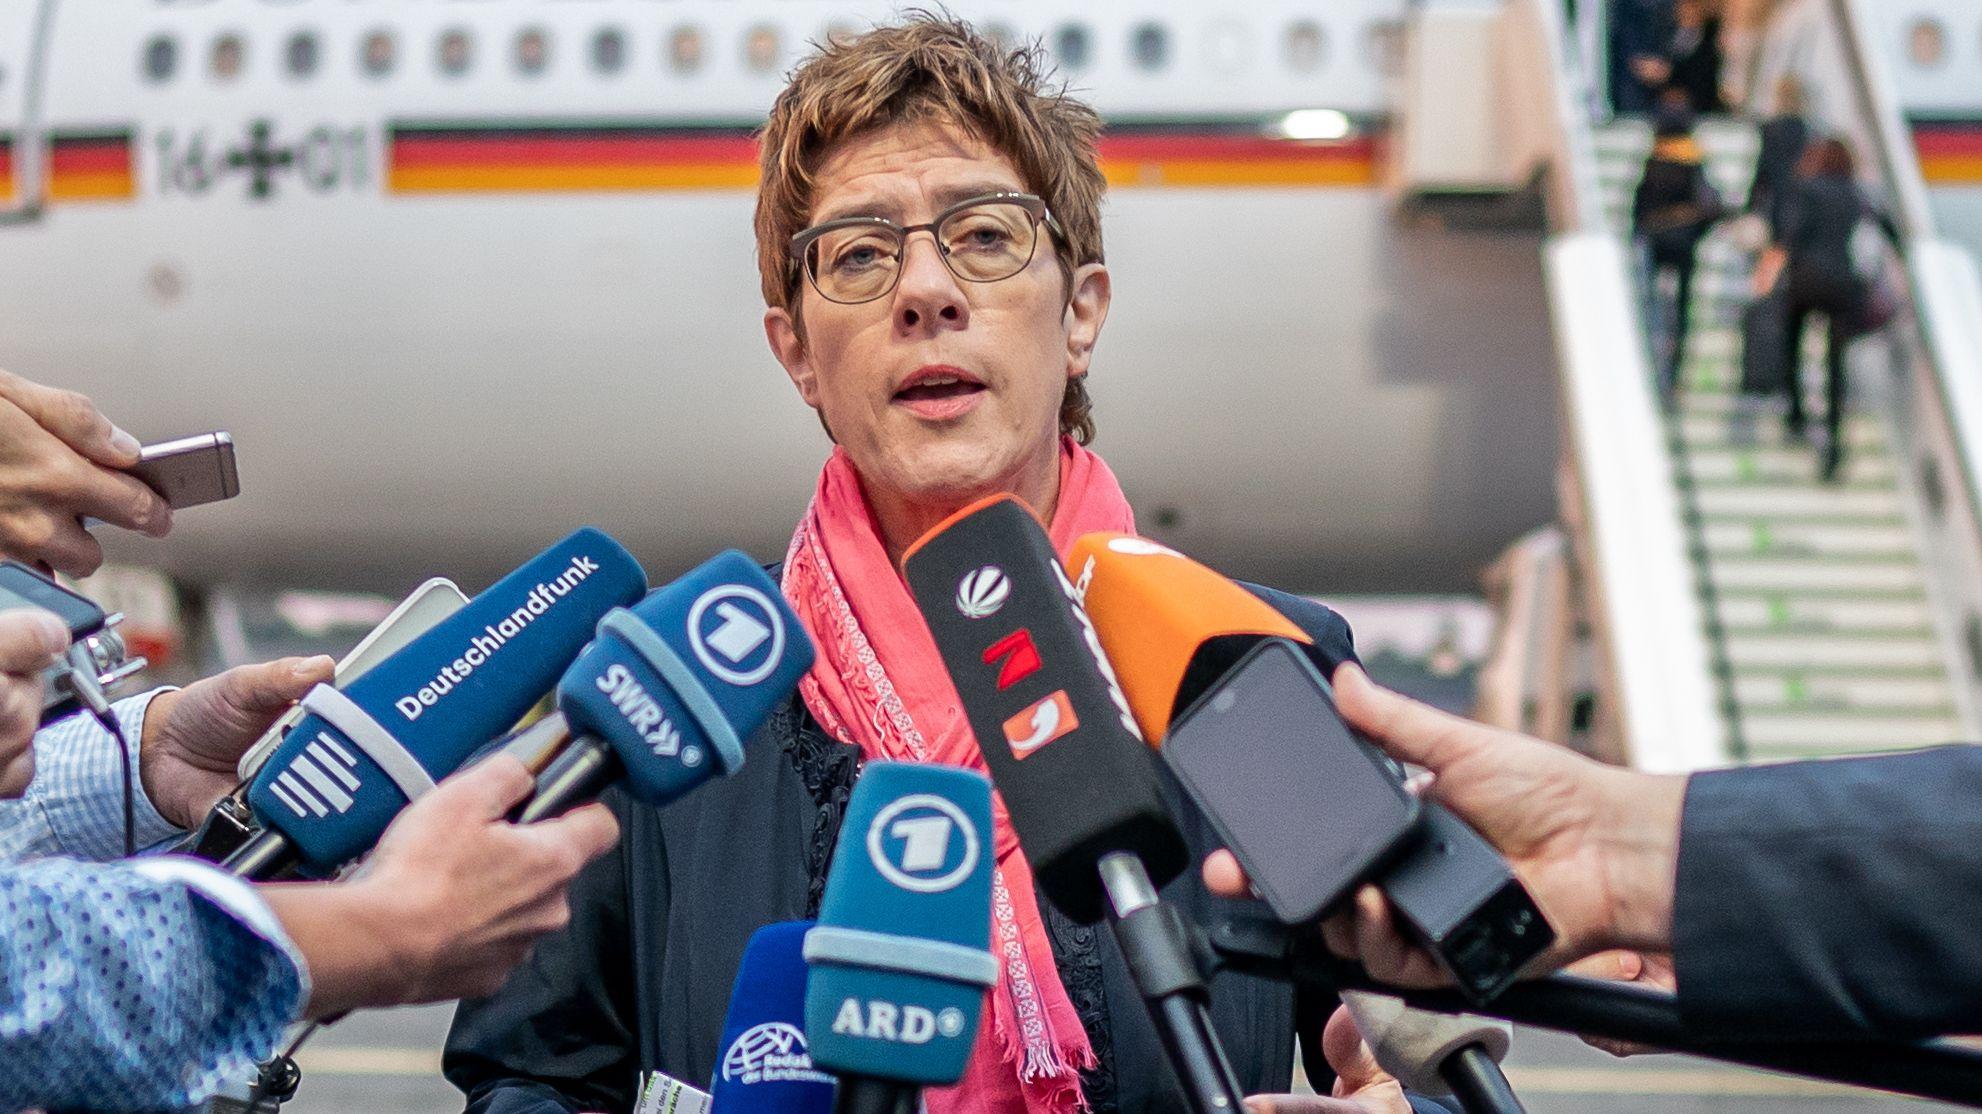 Annegret Kramp-Karrenbauer (CDU) gibt vor Kamera-Teams ein Statement ab